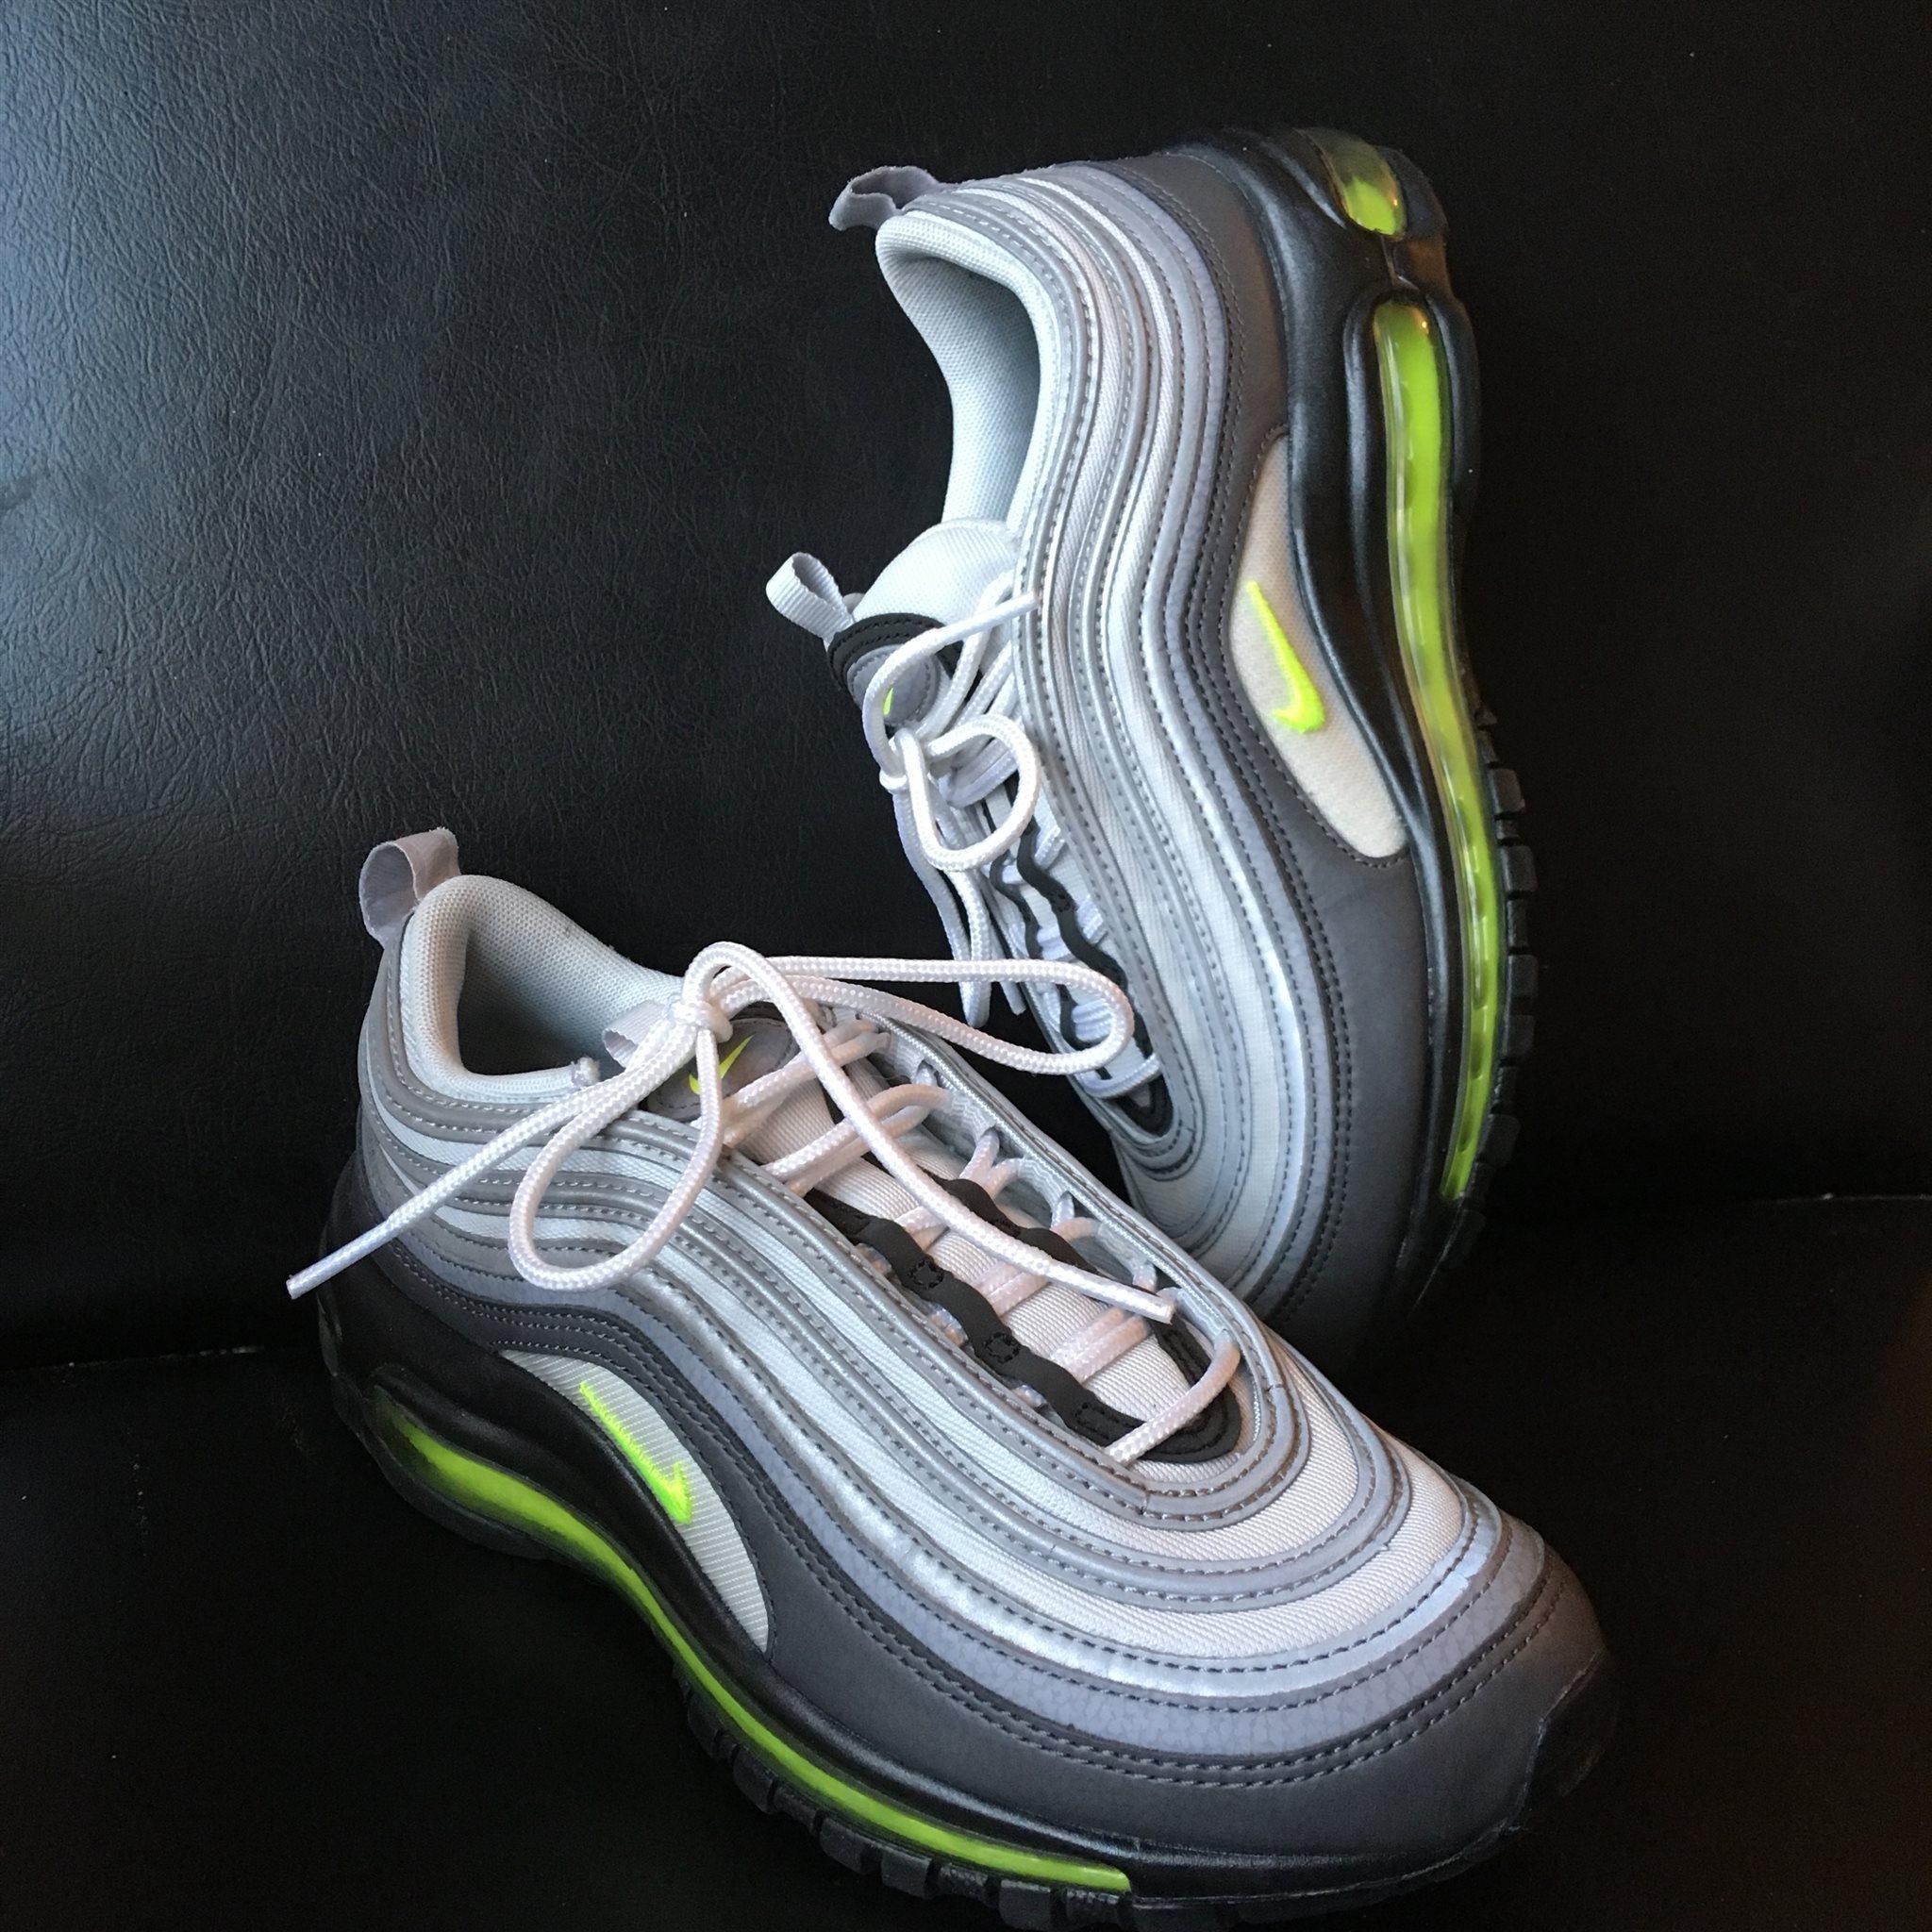 c23fd4b75af Nike air max 97 sneakers skor nya 38/39 (337518032) ᐈ Köp på Tradera